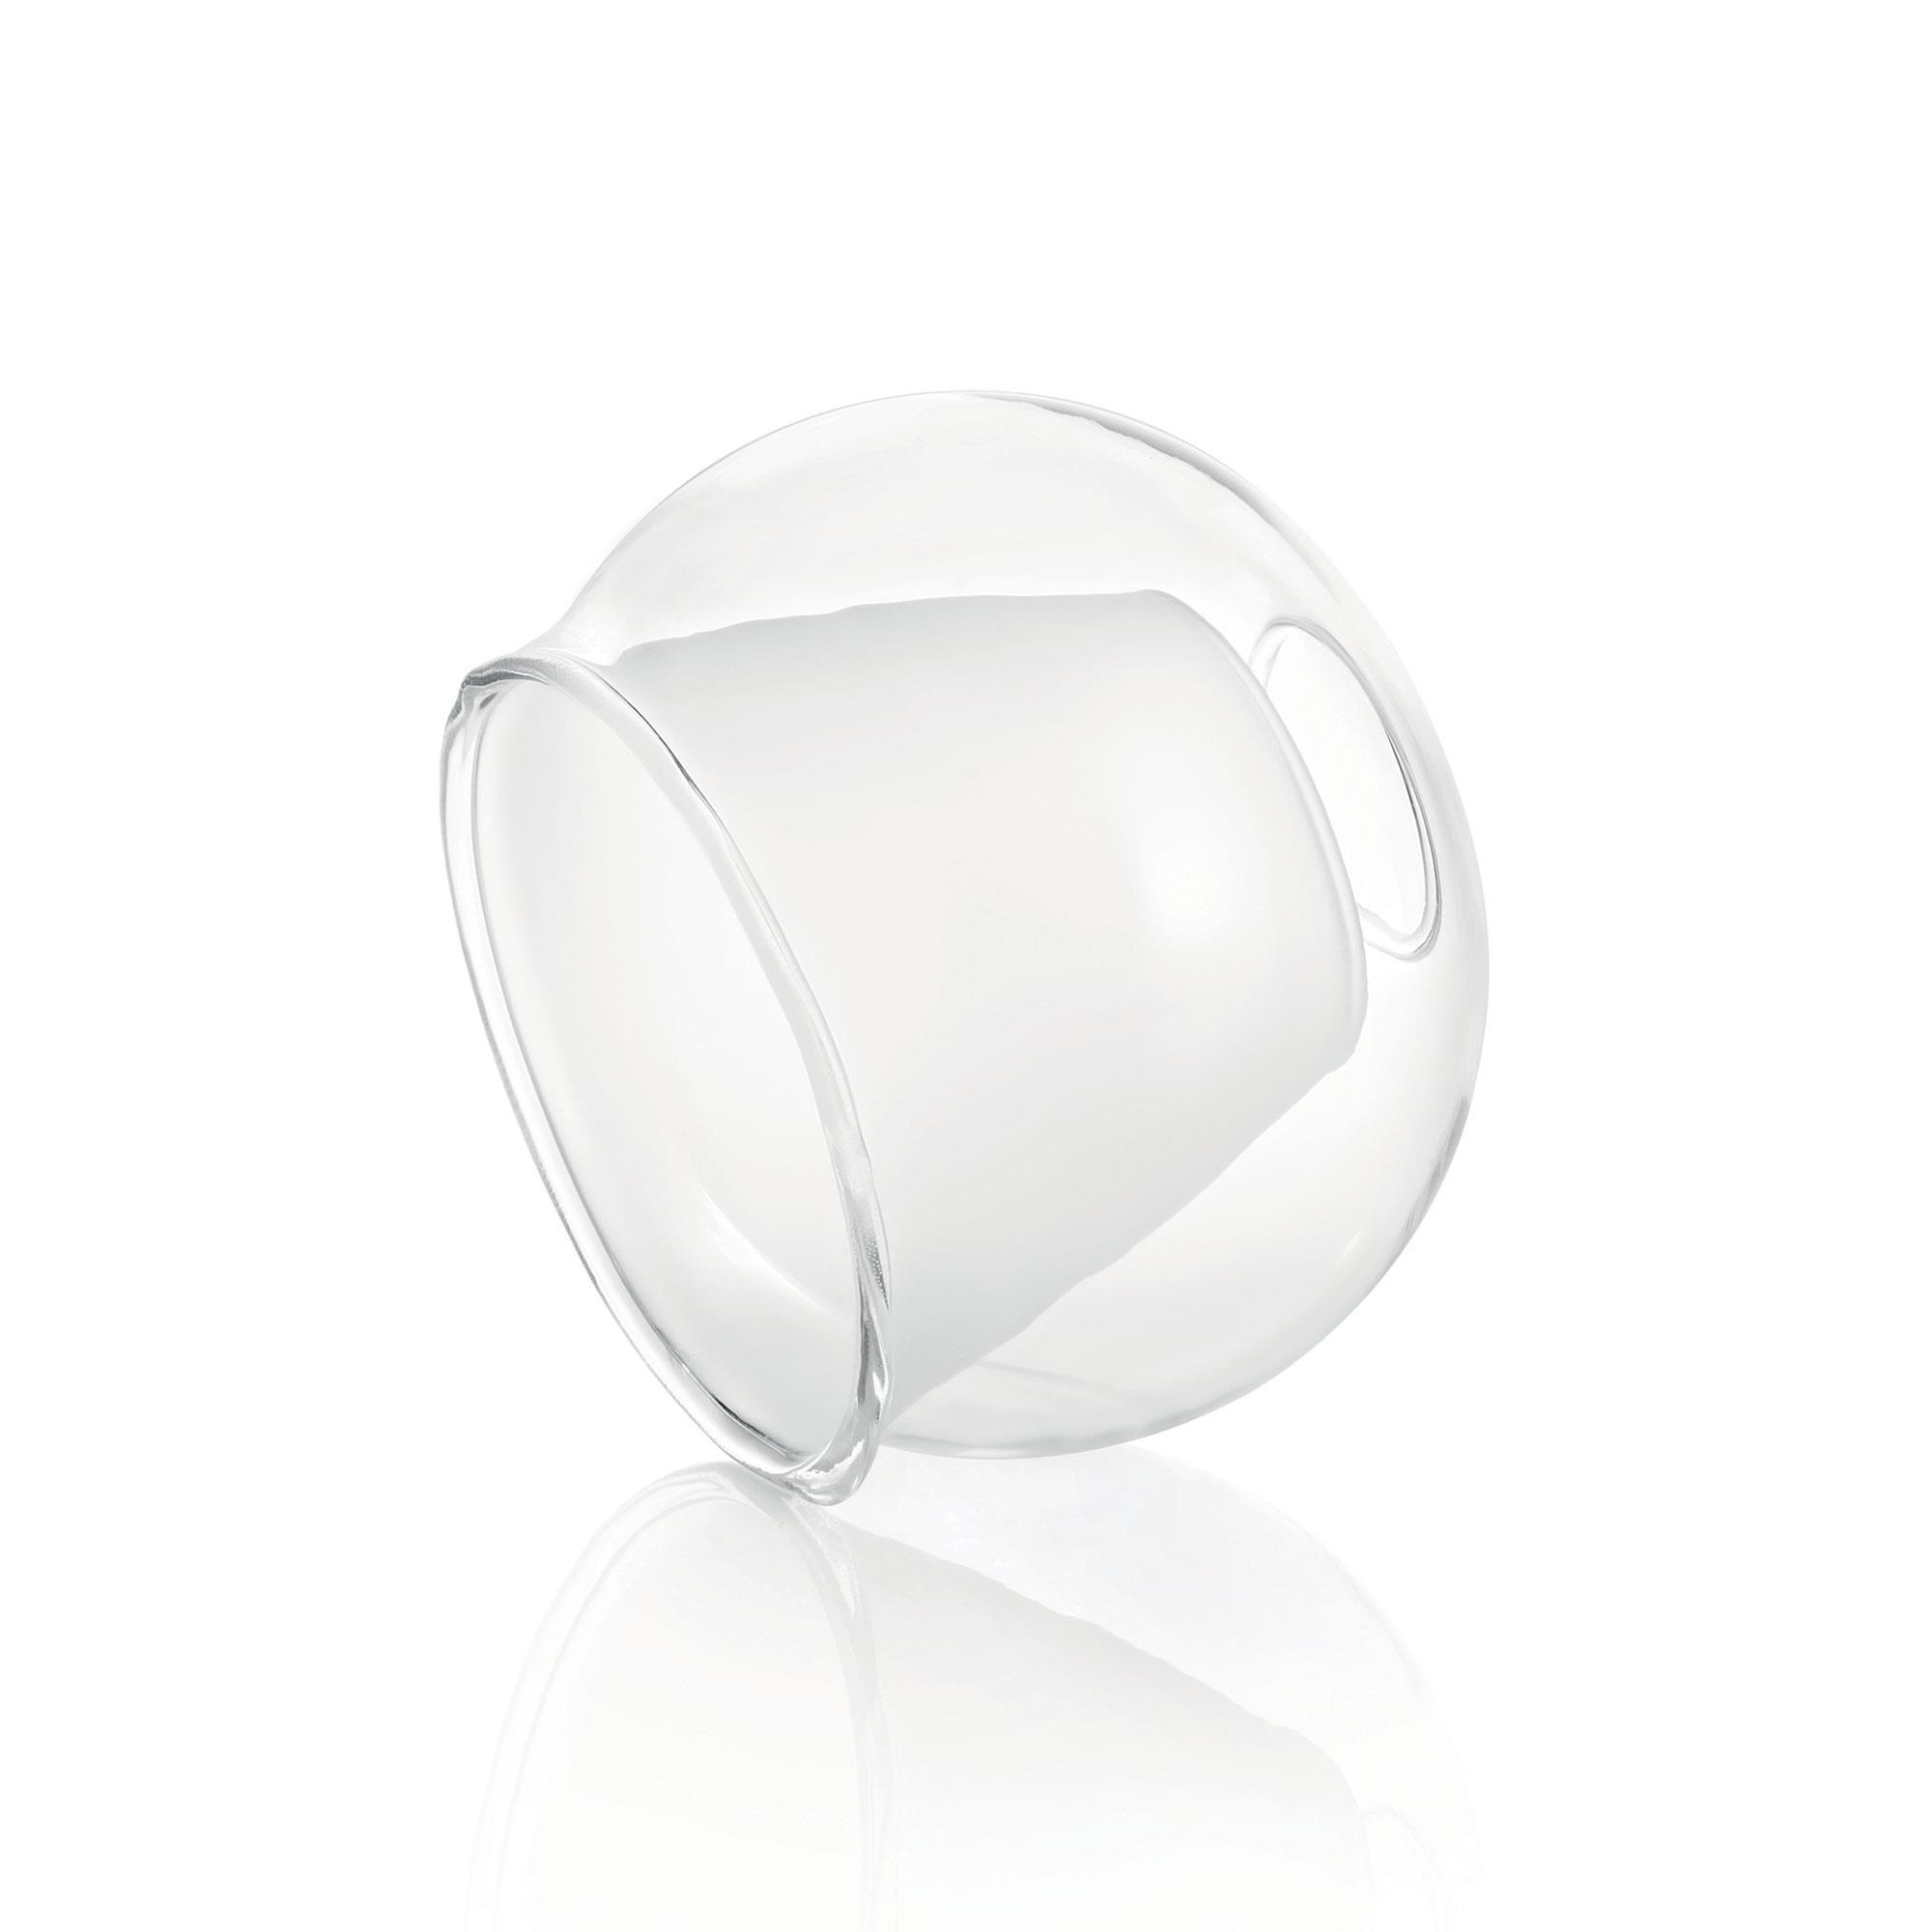 Ideal Lux 028699 Tender PL6 mennyezeti lámpa